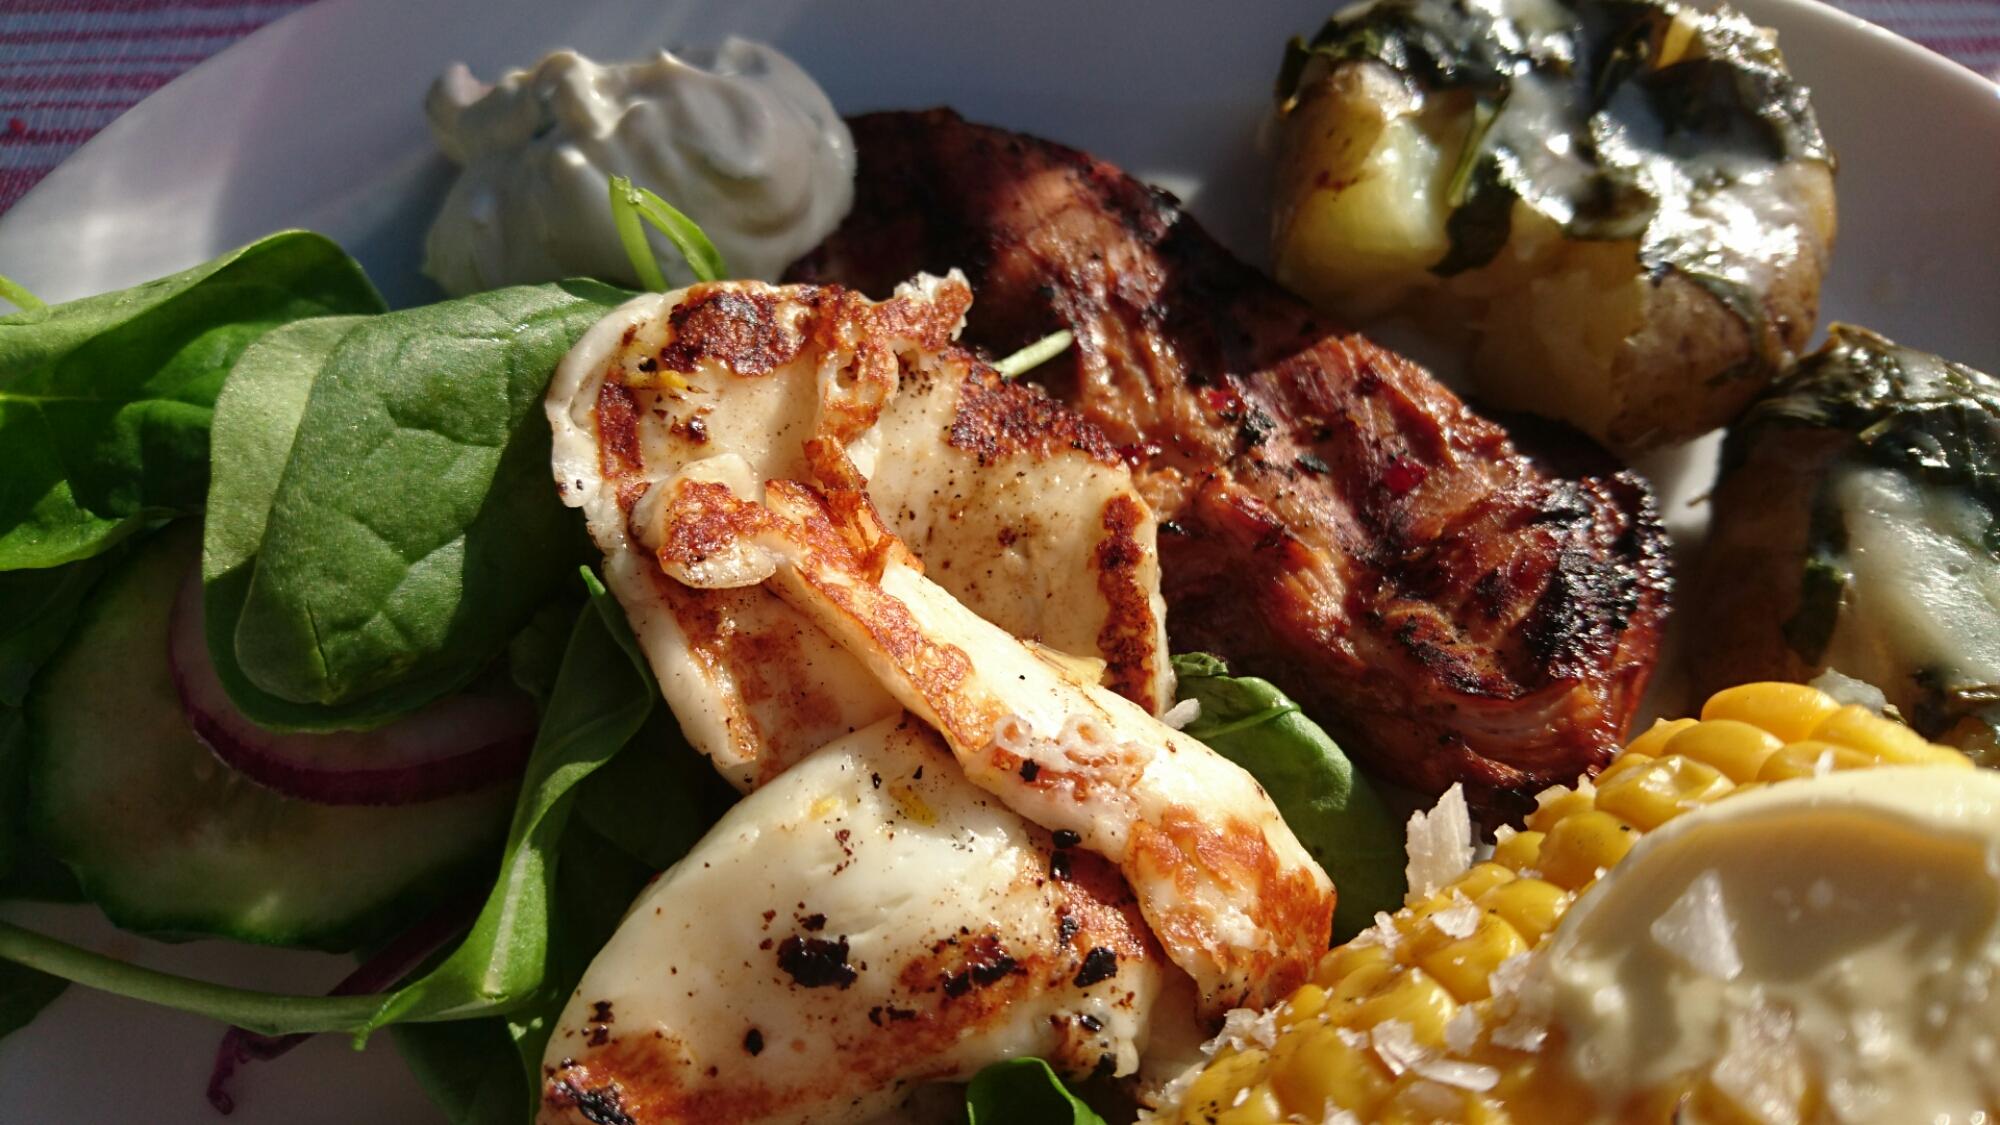 Grillad kyckling med tilltryckta potatisar